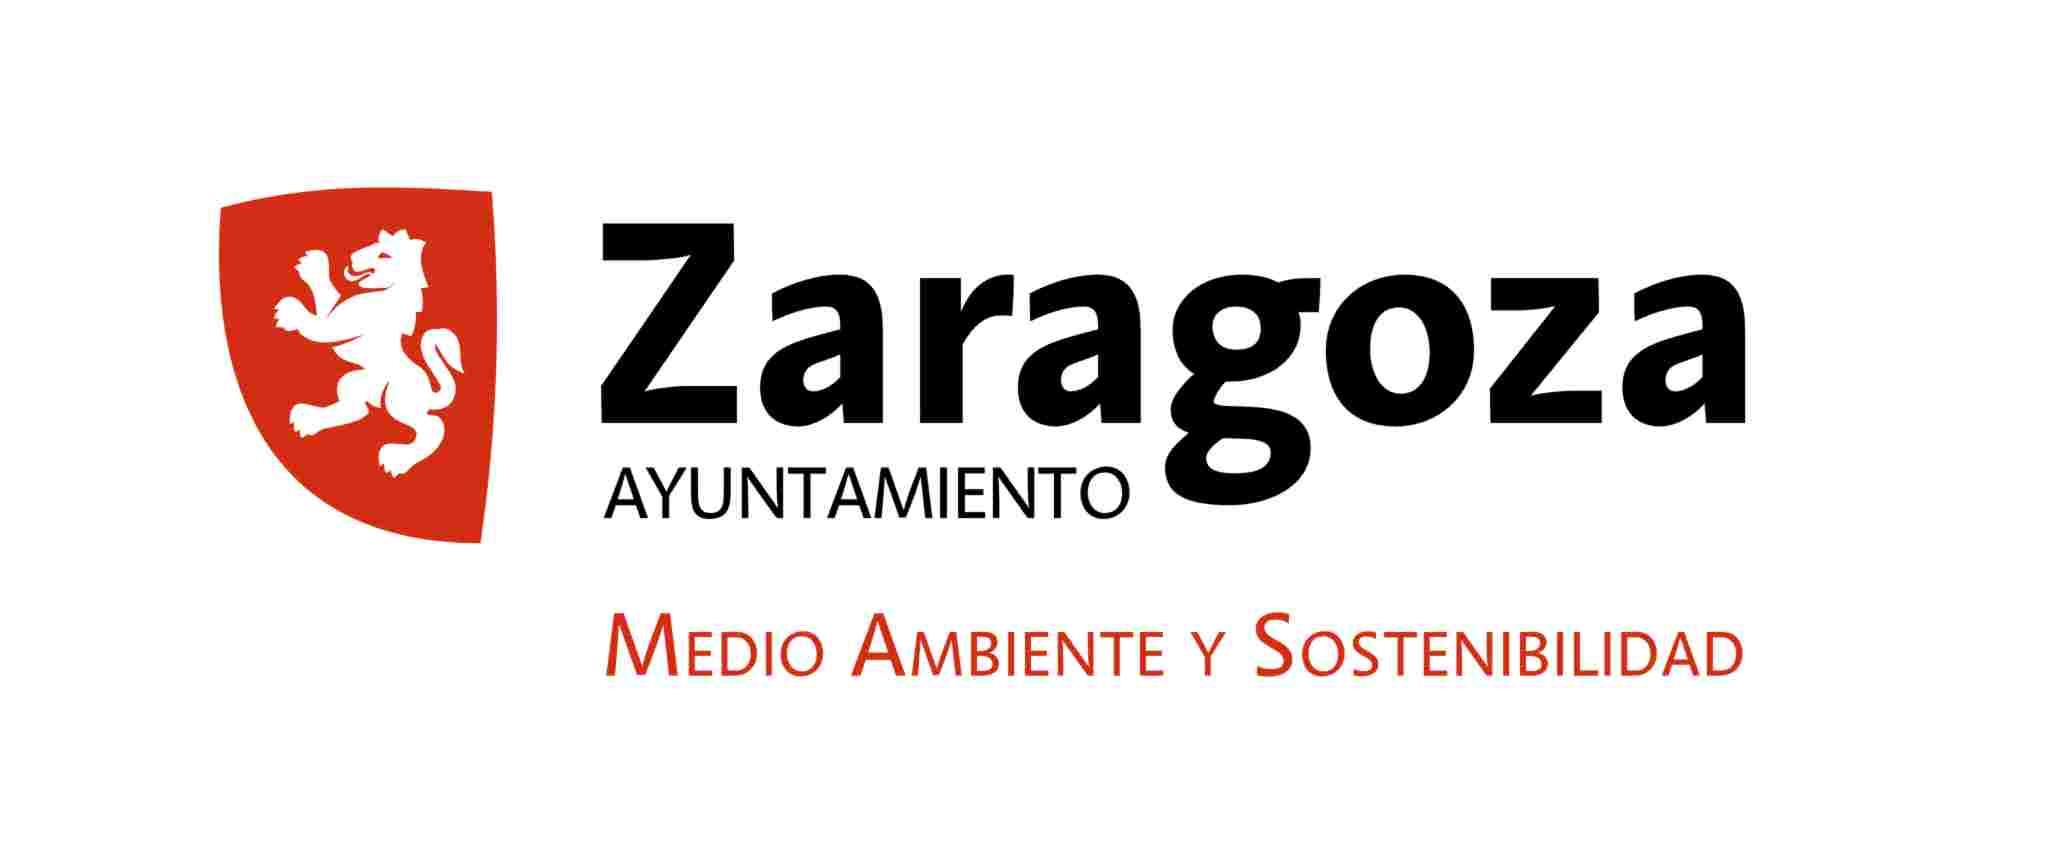 El Ayuntamiento de Zaragoza también quiere tener ahorro energético